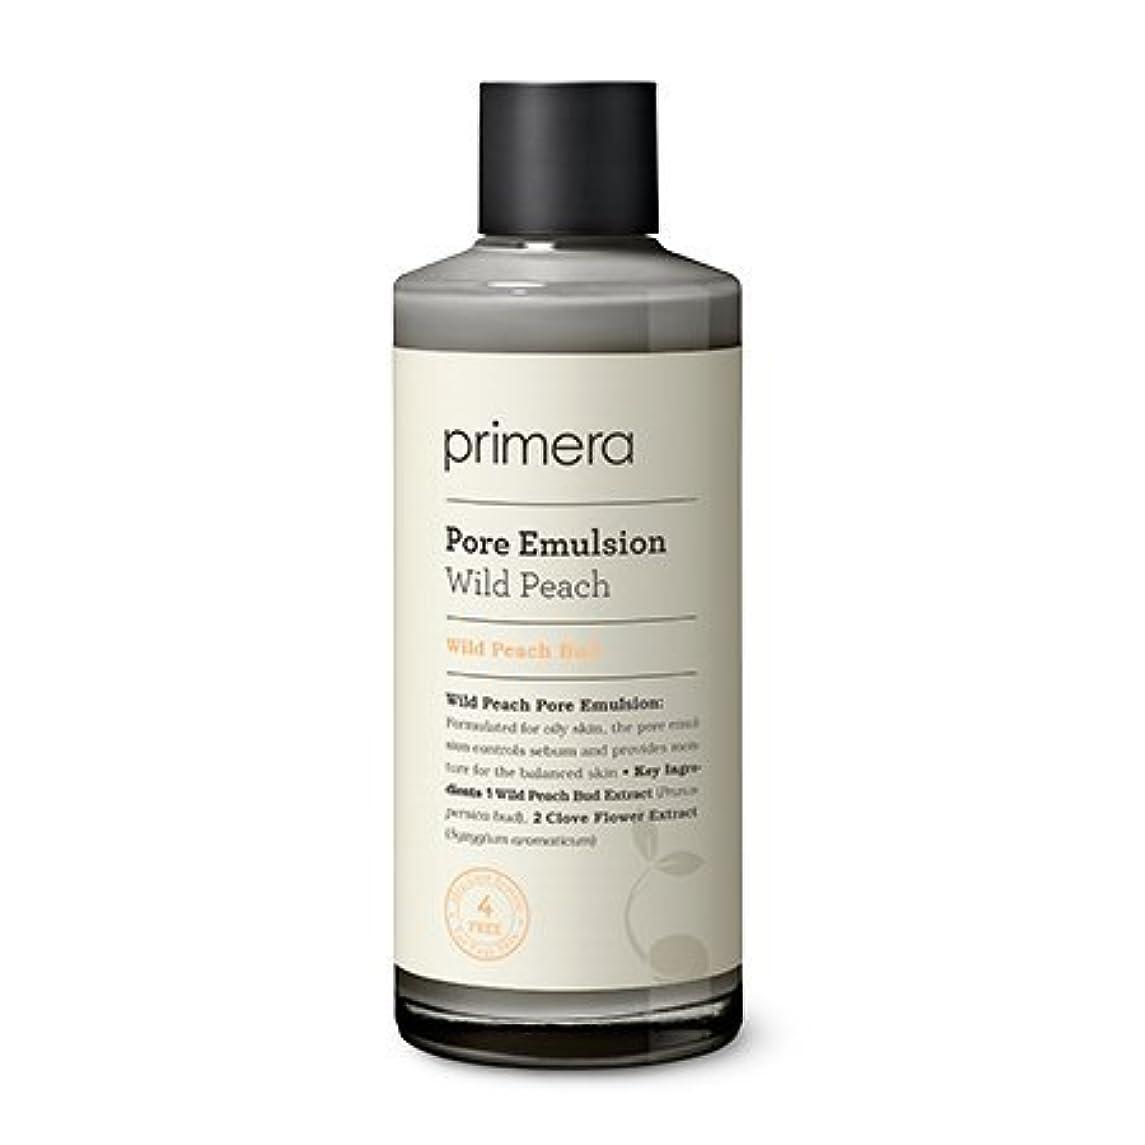 メタン排泄物読書をする【Primera】Wild Peach Pore Emulsion - 150ml (韓国直送品) (SHOPPINGINSTAGRAM)